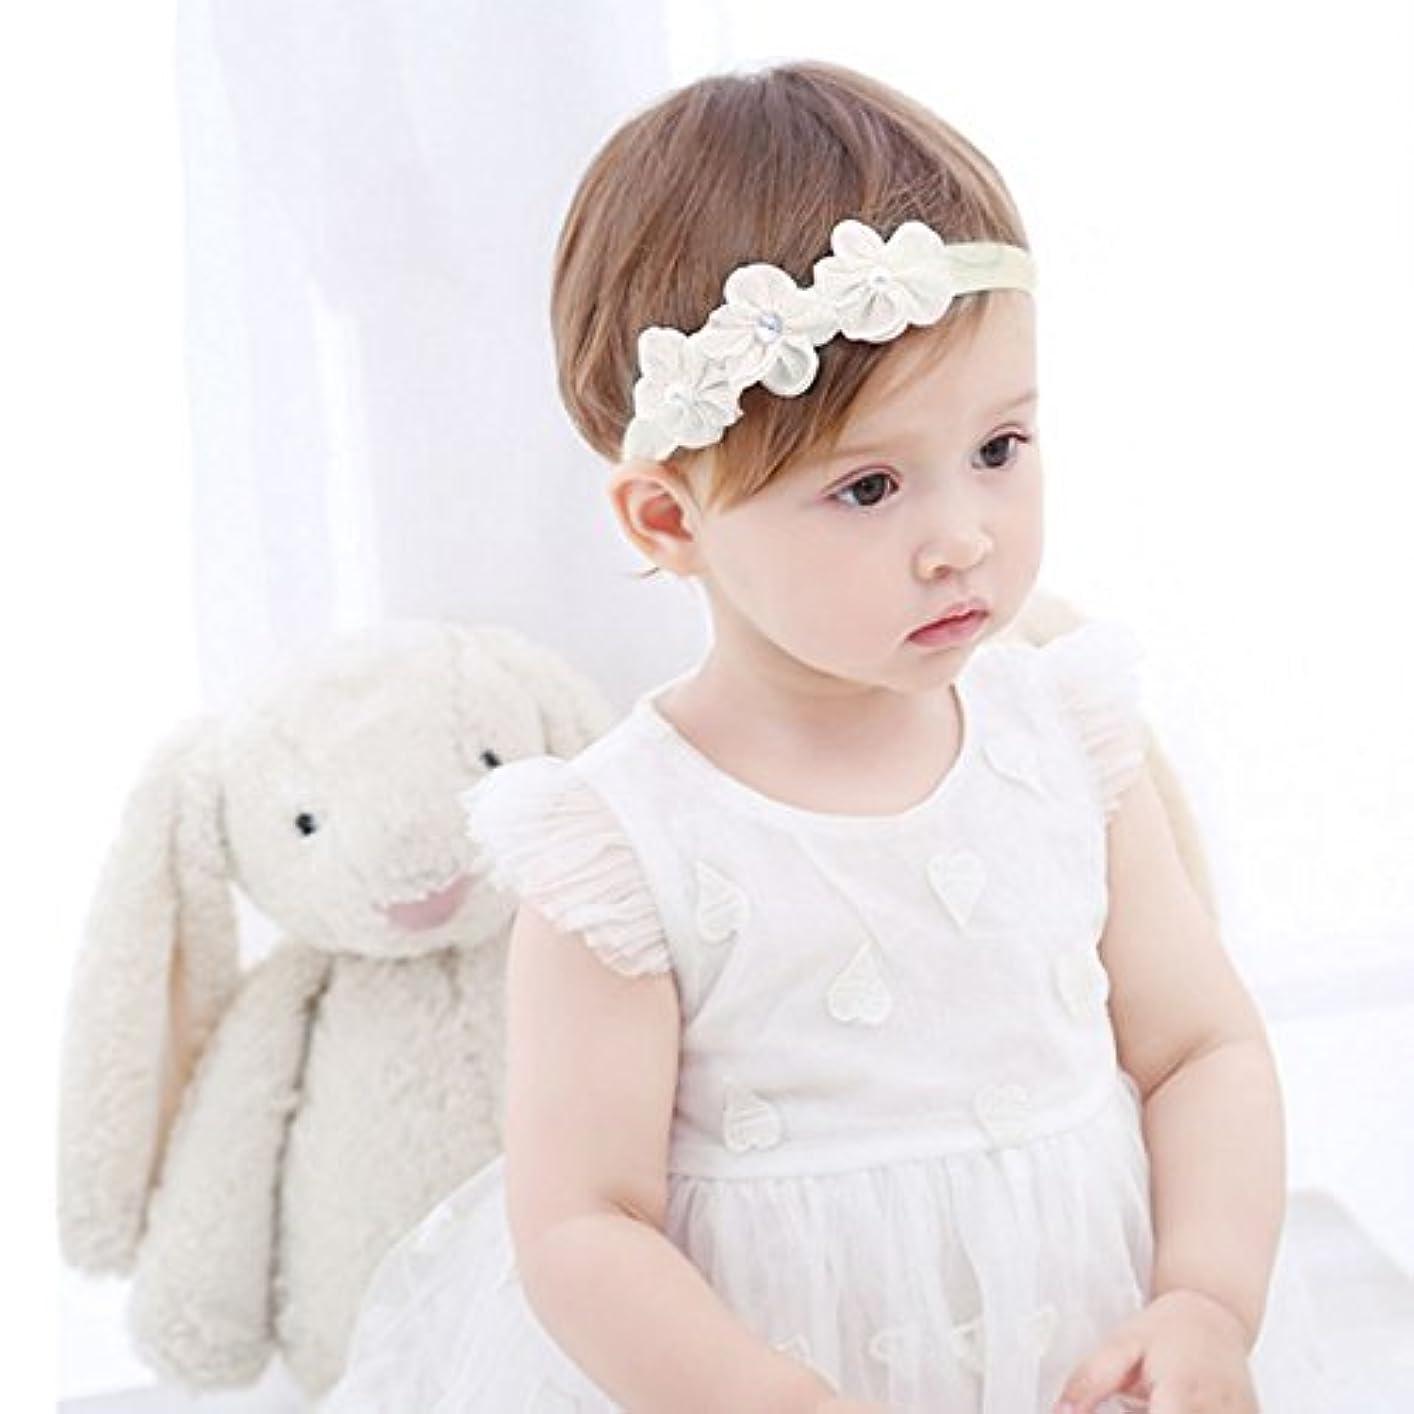 衣服ドラッグ連鎖Refaxi 子供の赤ちゃんかわいい幼児のレースの花のヘアバンドヘッドウェアヘッドバンドアクセサリー